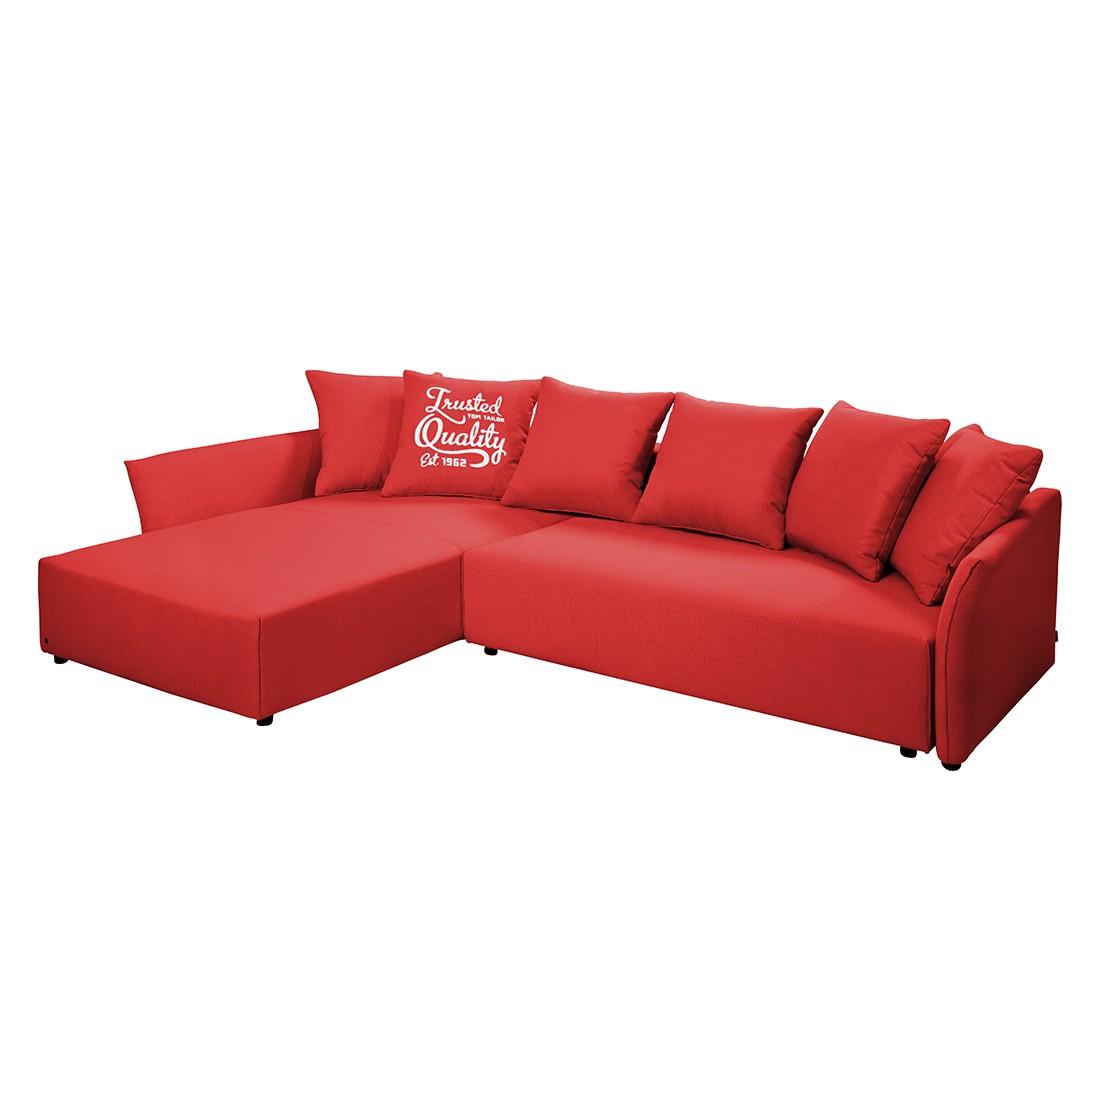 sofa mit ottomane hussen die neueste innovation der. Black Bedroom Furniture Sets. Home Design Ideas